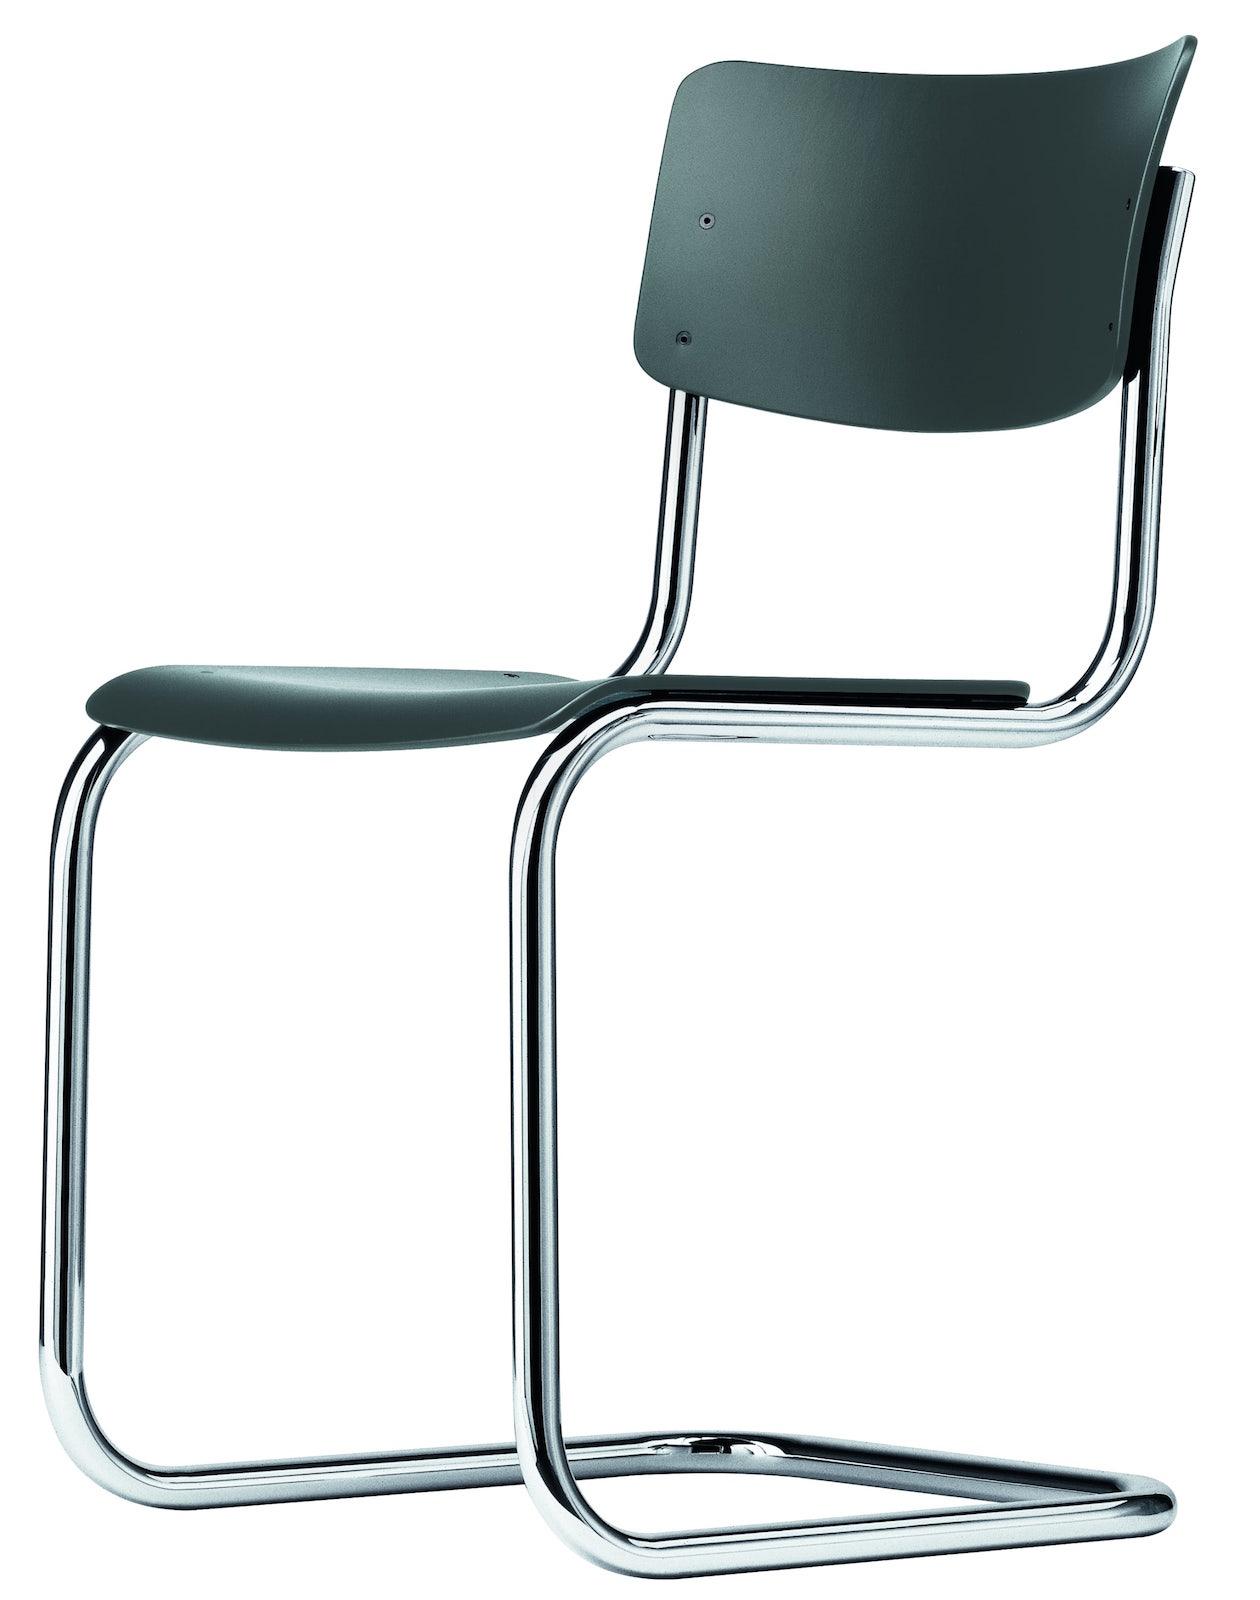 Thonet Pro Stühleamp; Möbel Bestpreis Office Bei Zum CodQrWexB